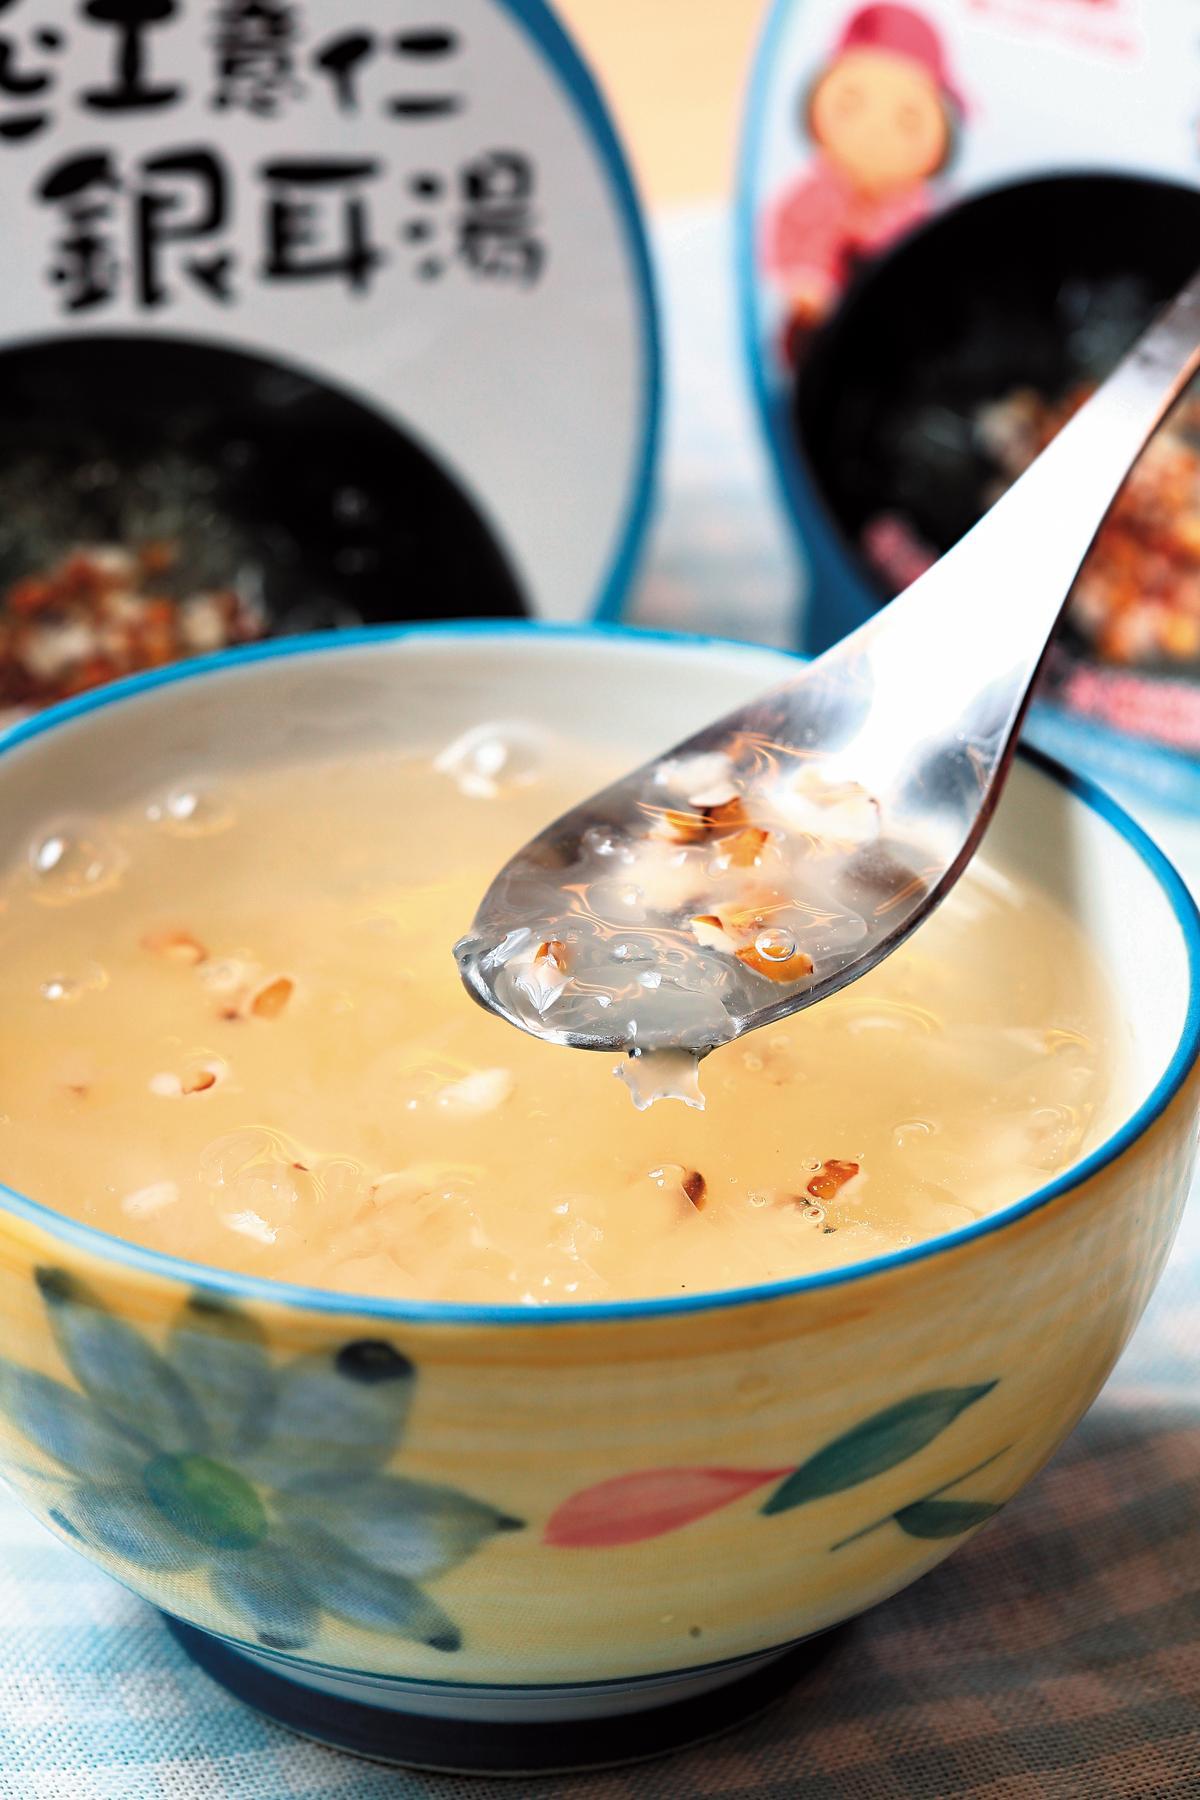 近年福記加入製作銀耳湯、紅豆湯等產品,搶攻調理食品市場。(薏仁銀耳玉露49元/碗)